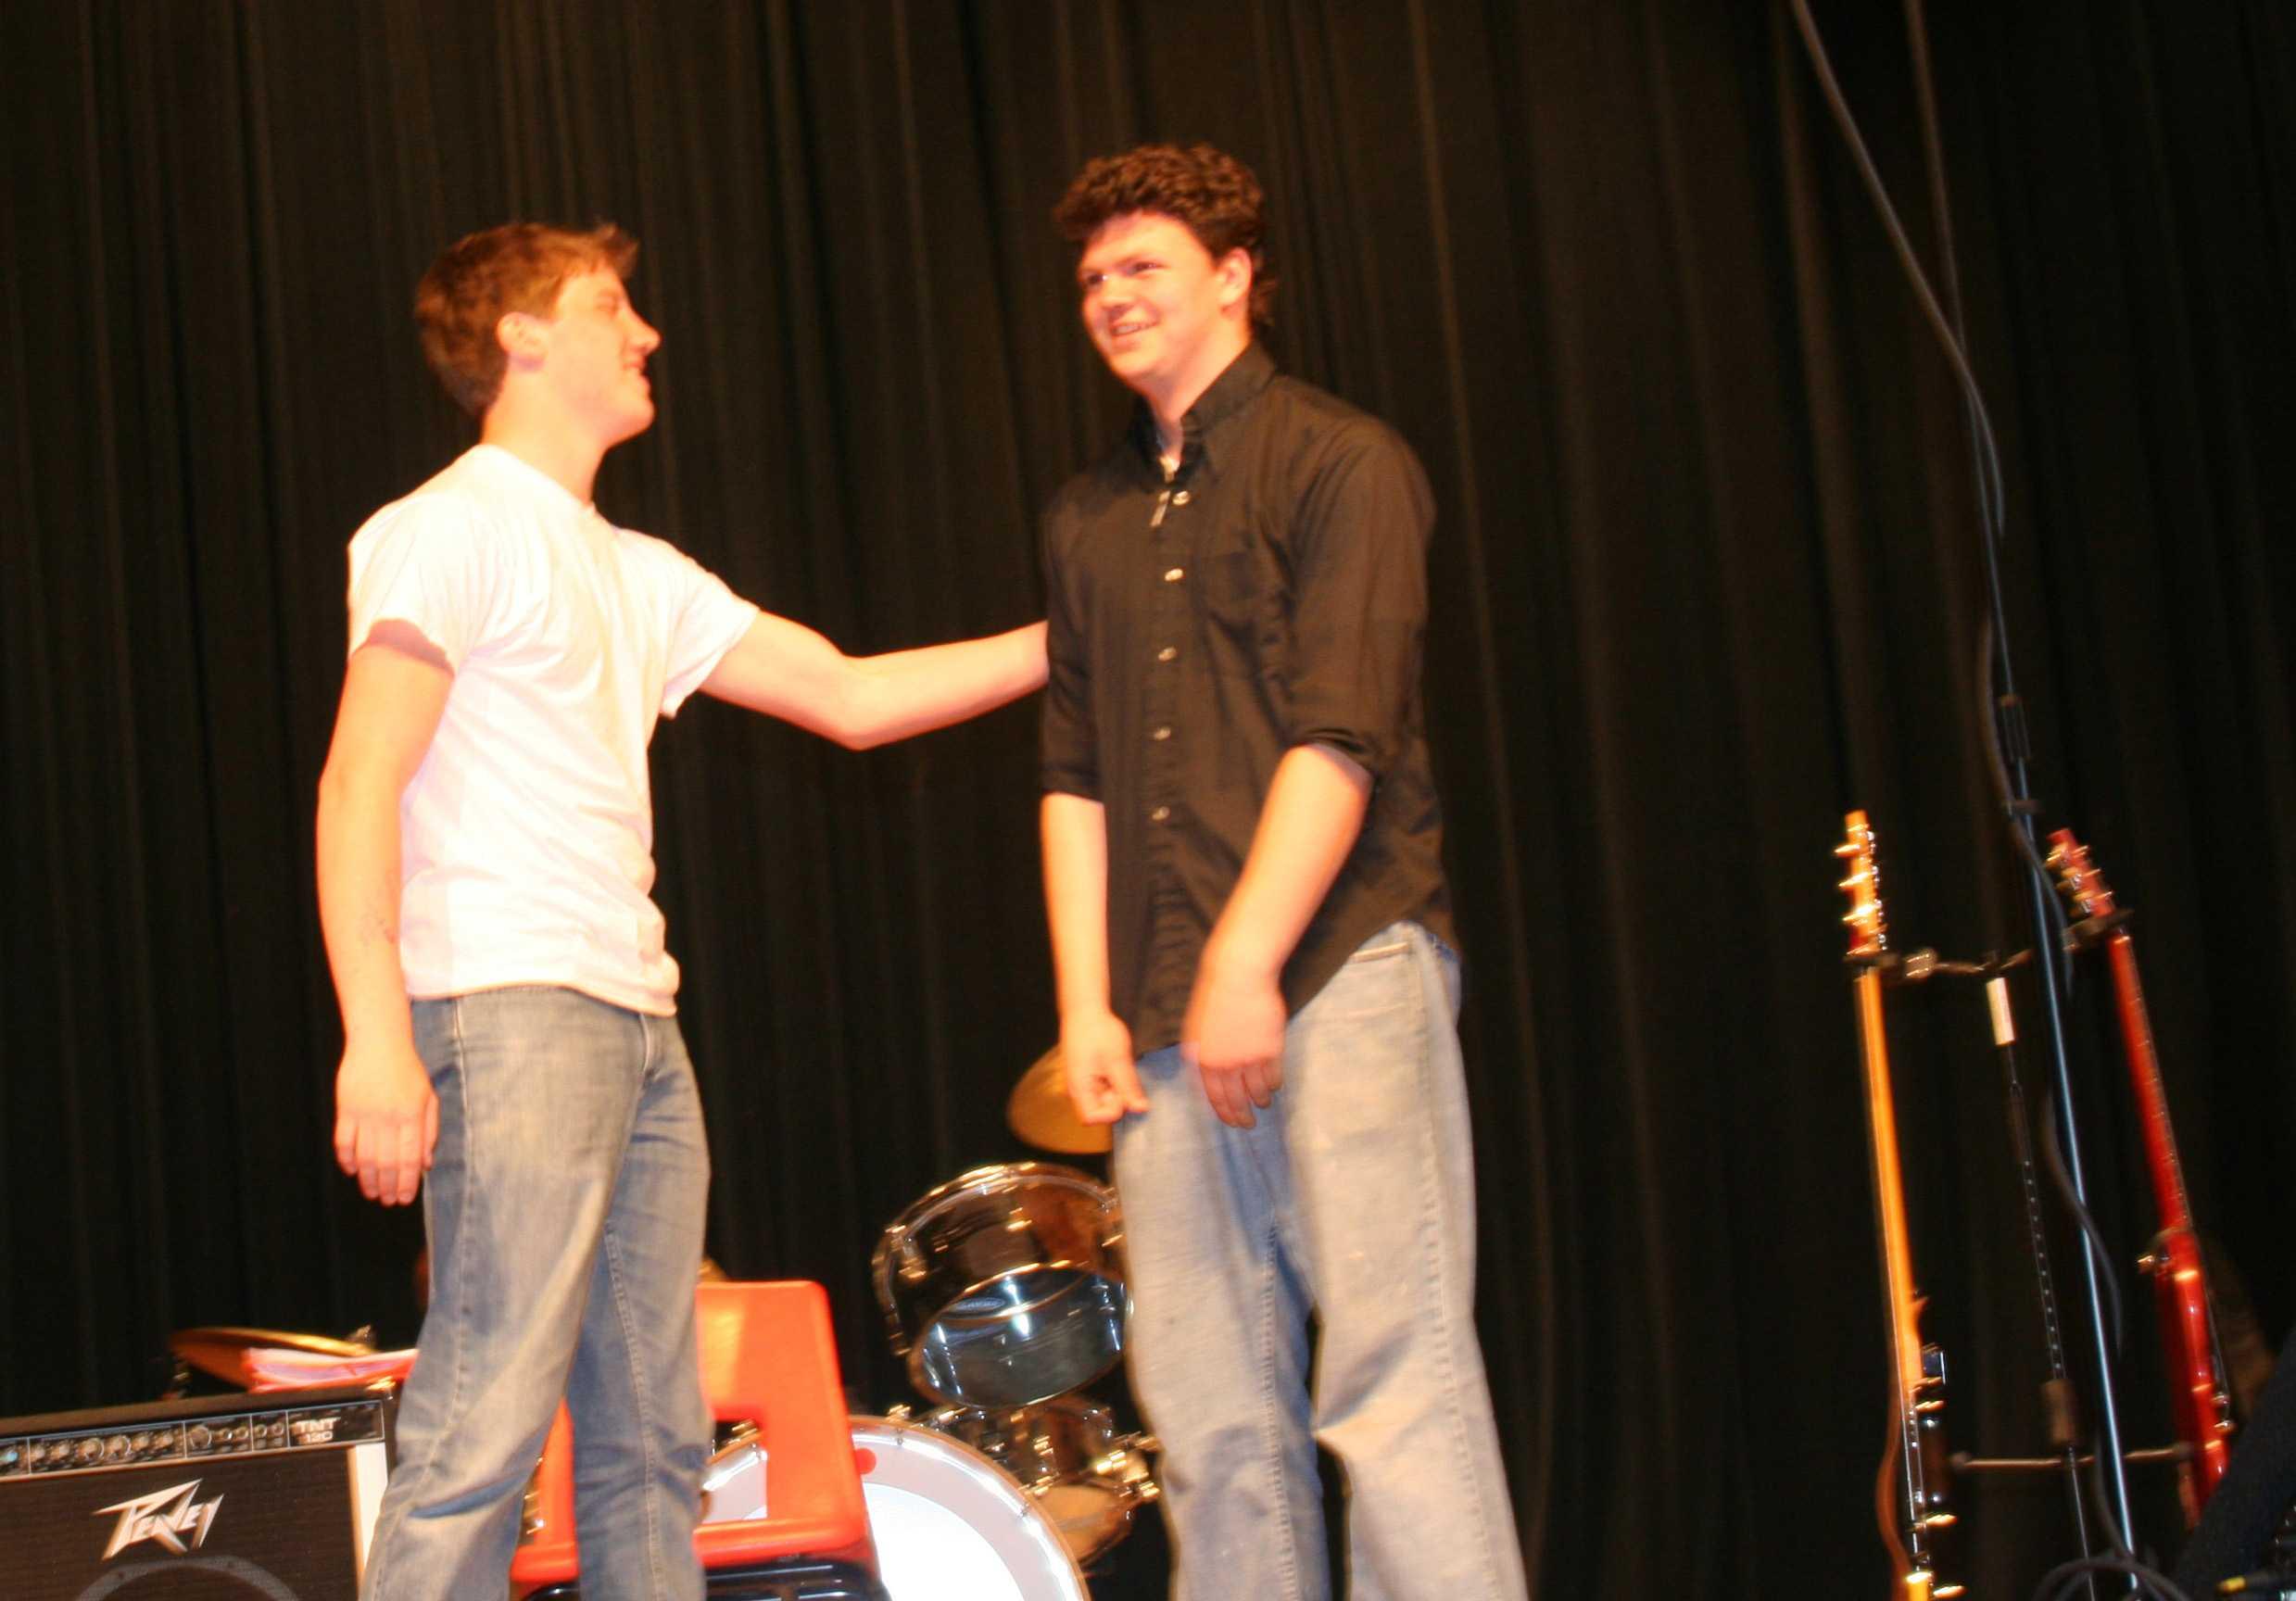 Seamus and Zak's Duet